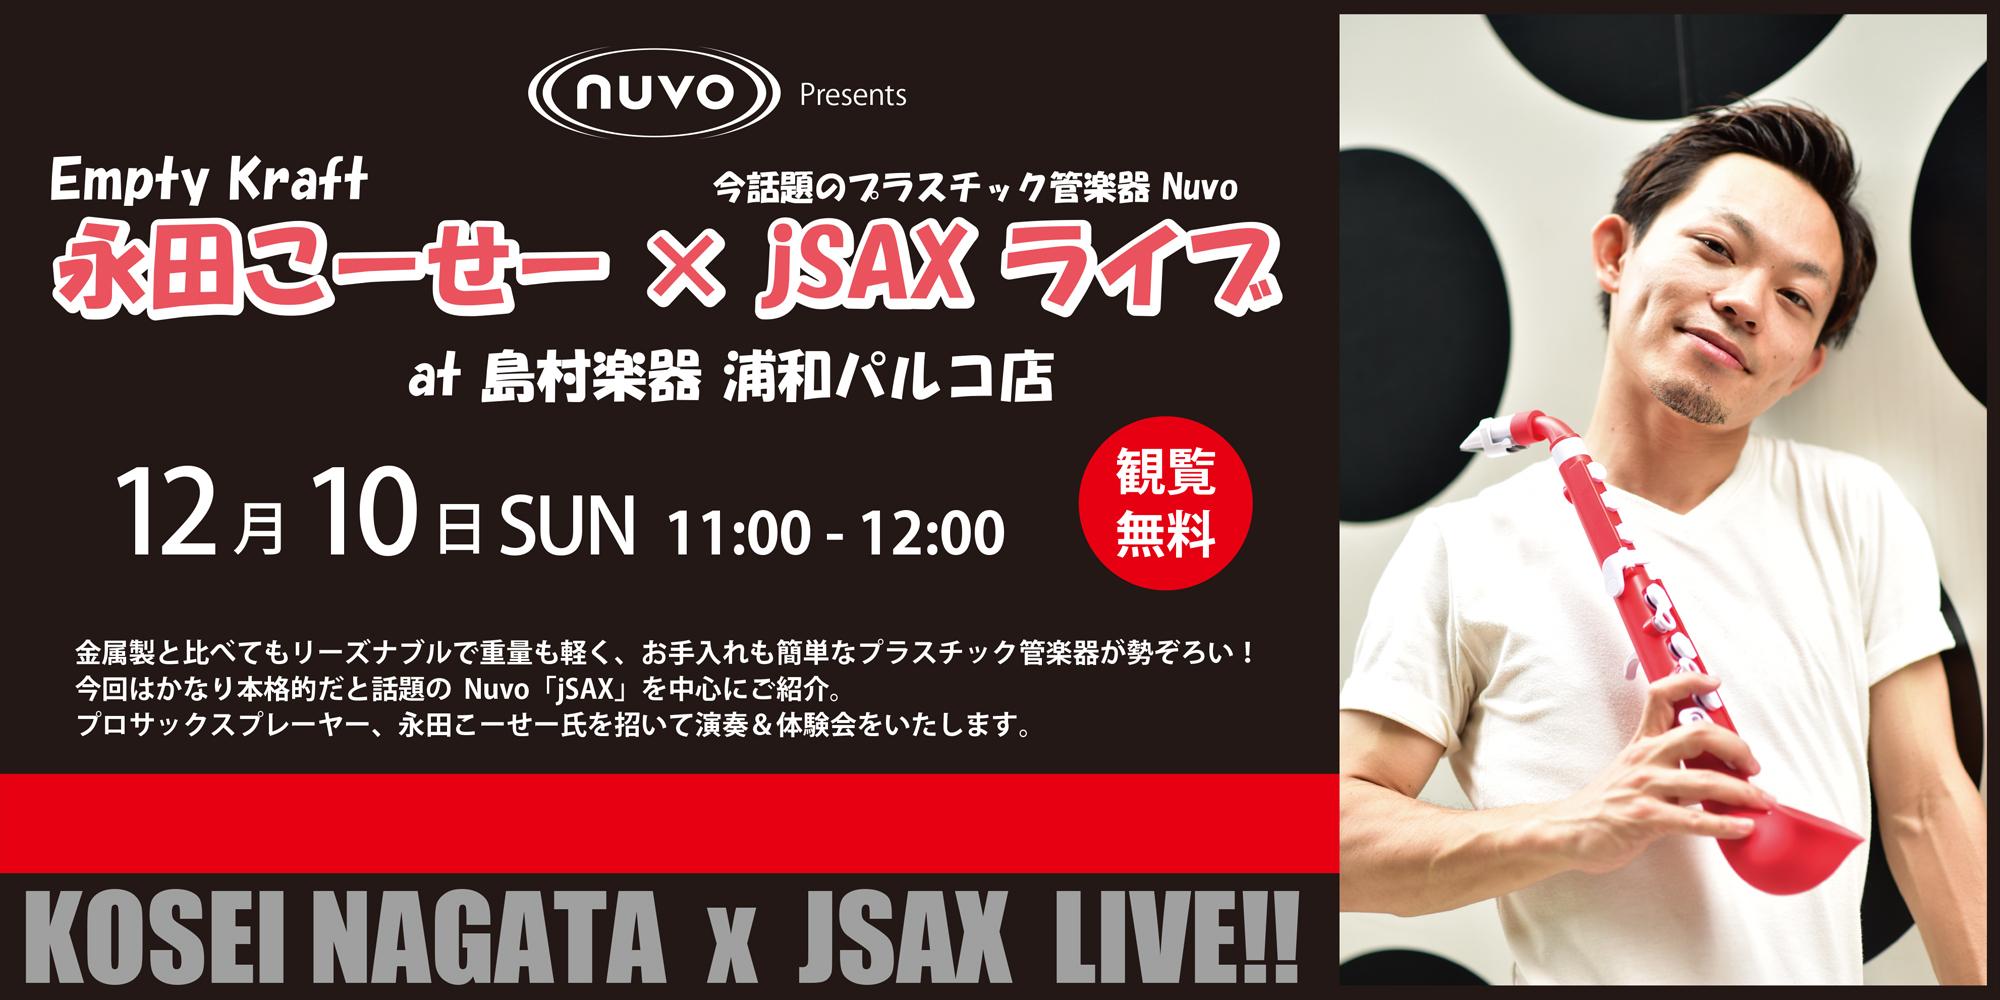 jsax_event_banner